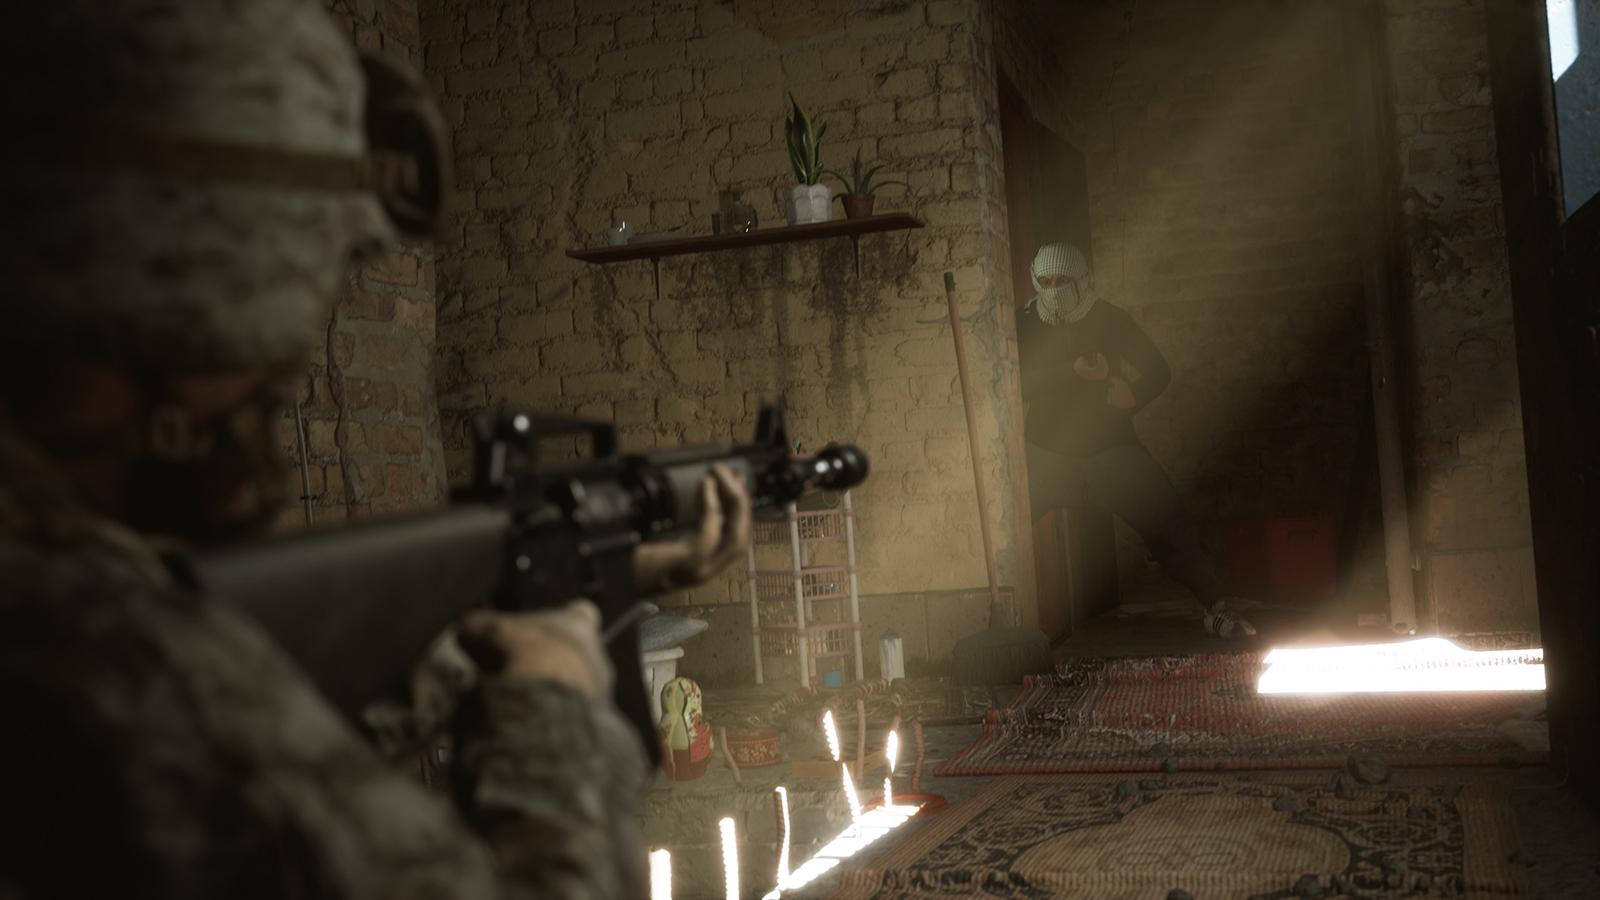 时隔12年重新上架,这个试图还原伊拉克战争的游戏又被抵制了